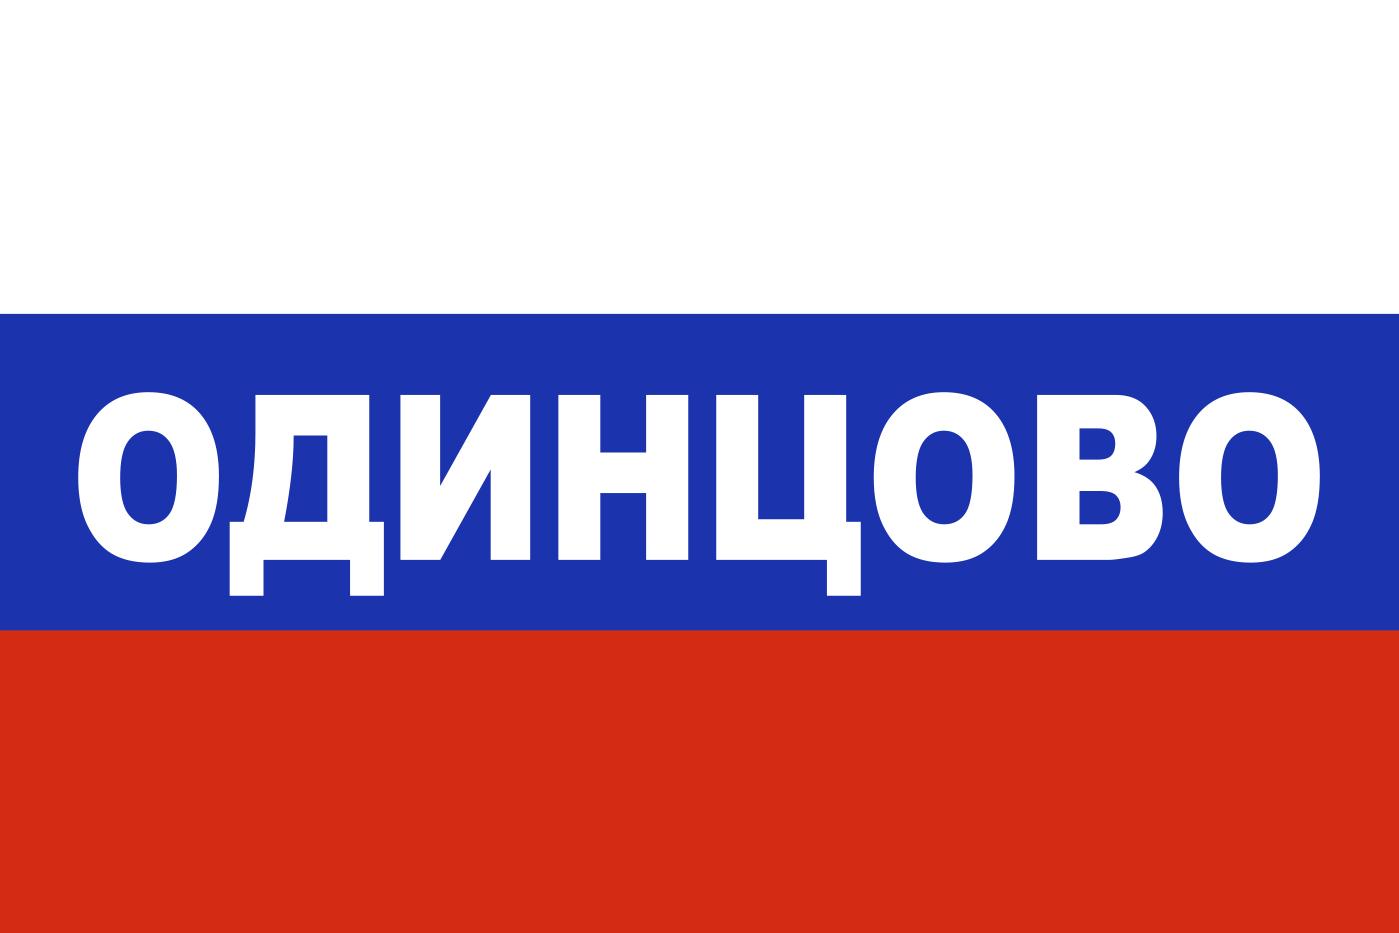 Флаг триколор Одинцово